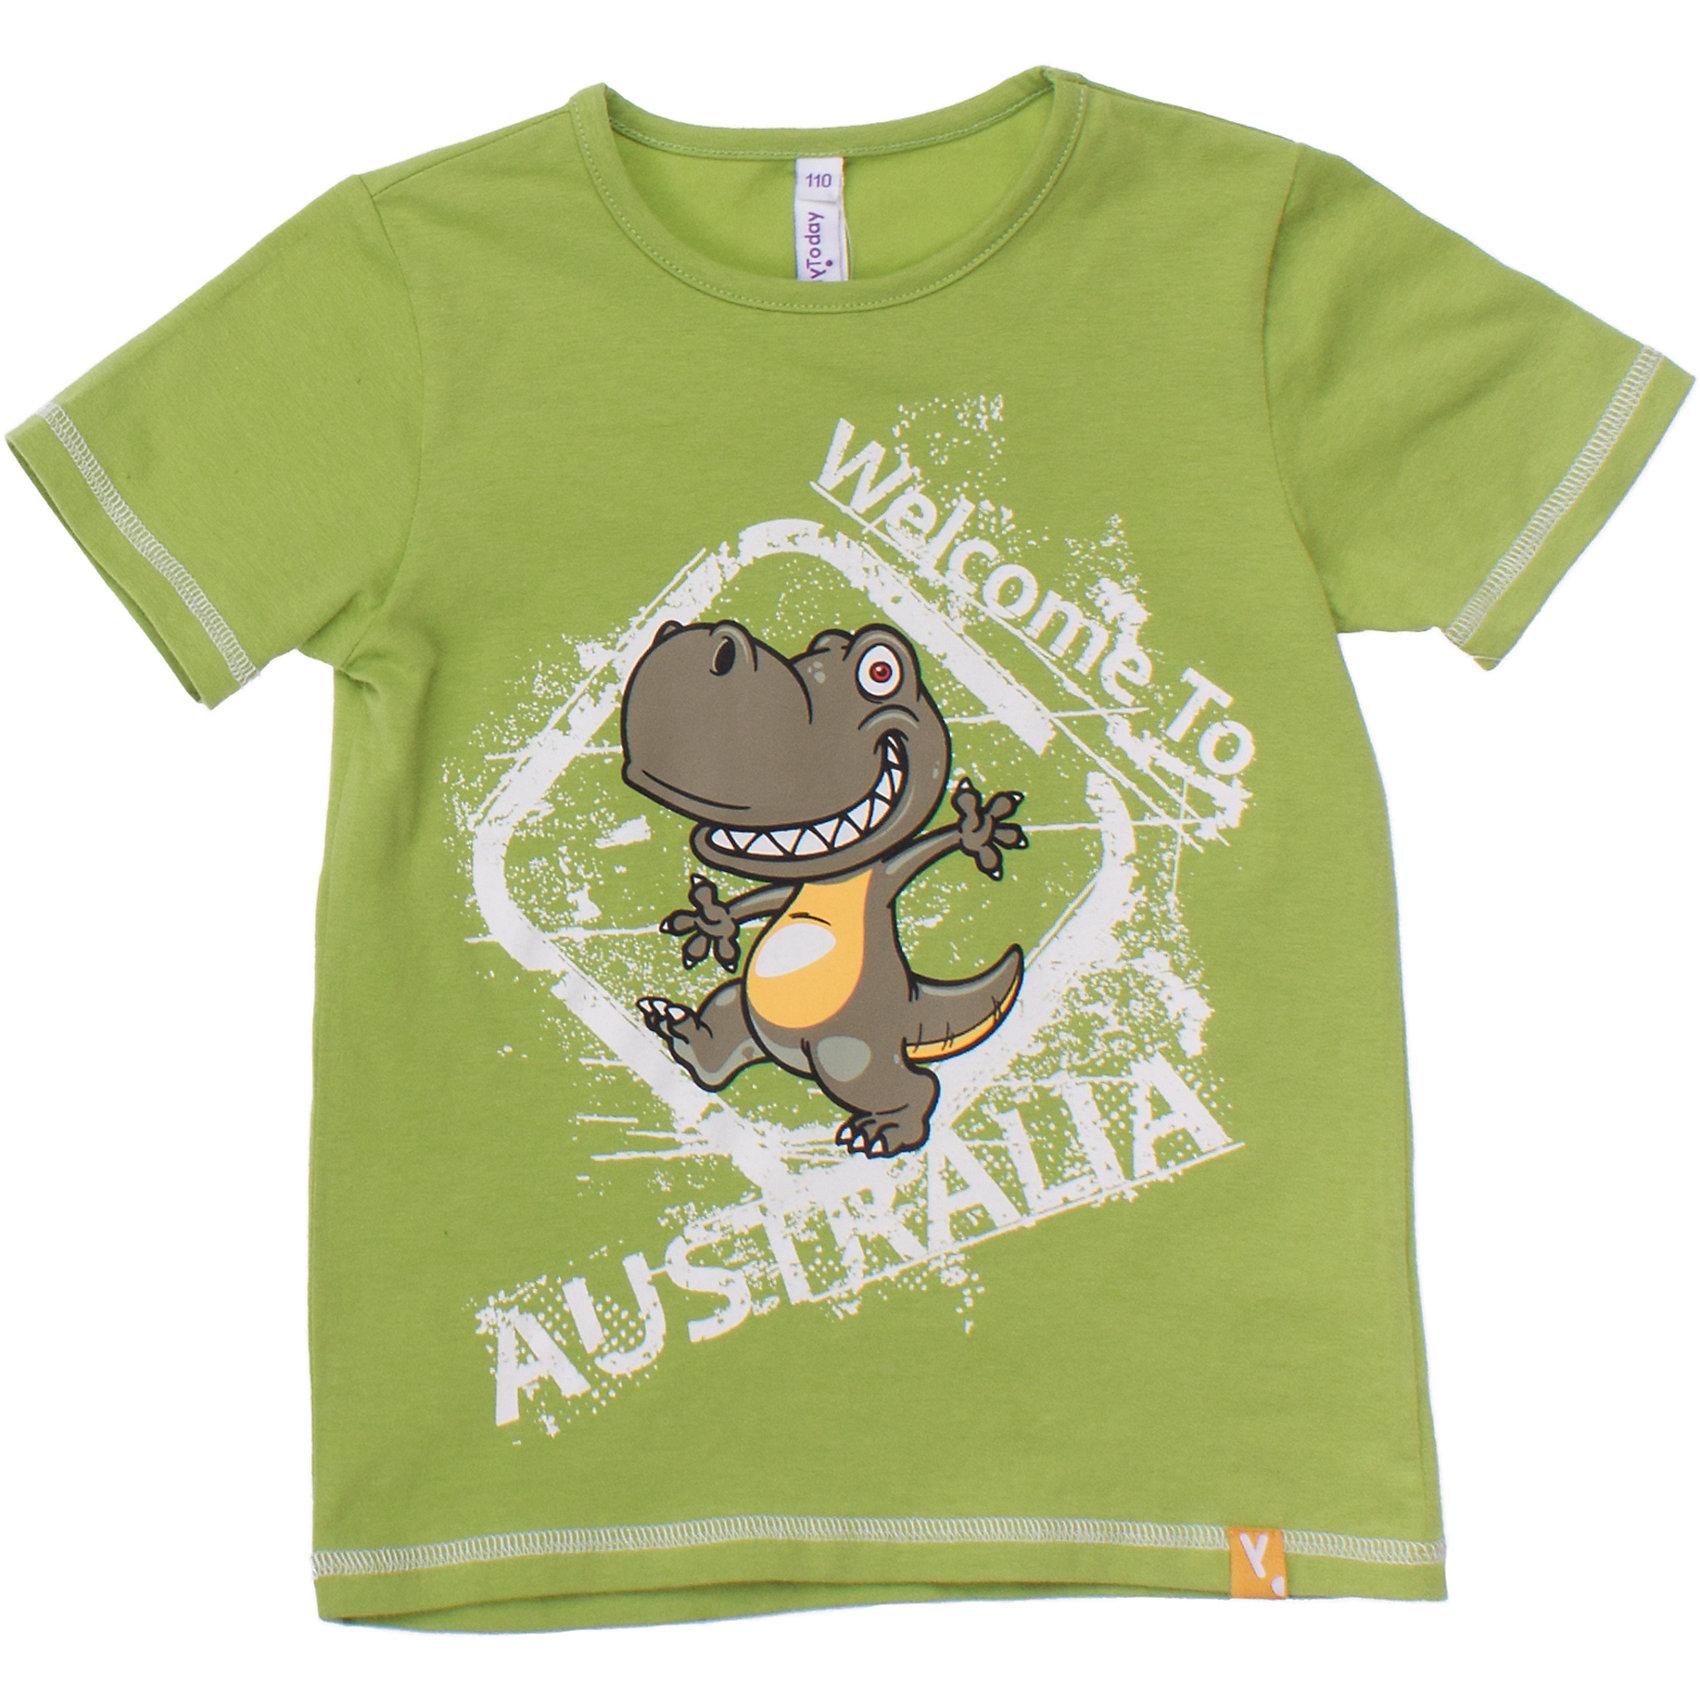 Футболка для мальчика PlayTodayСтильная хлопковая футболка яблочно-зеленого цвета. Украшена резиновым принтом с динозавром. На воротнике мягкая резинка. Состав: 95% хлопок, 5% эластан<br><br>Ширина мм: 199<br>Глубина мм: 10<br>Высота мм: 161<br>Вес г: 151<br>Цвет: зеленый<br>Возраст от месяцев: 24<br>Возраст до месяцев: 36<br>Пол: Мужской<br>Возраст: Детский<br>Размер: 98,122,104,110,116,128<br>SKU: 4652484